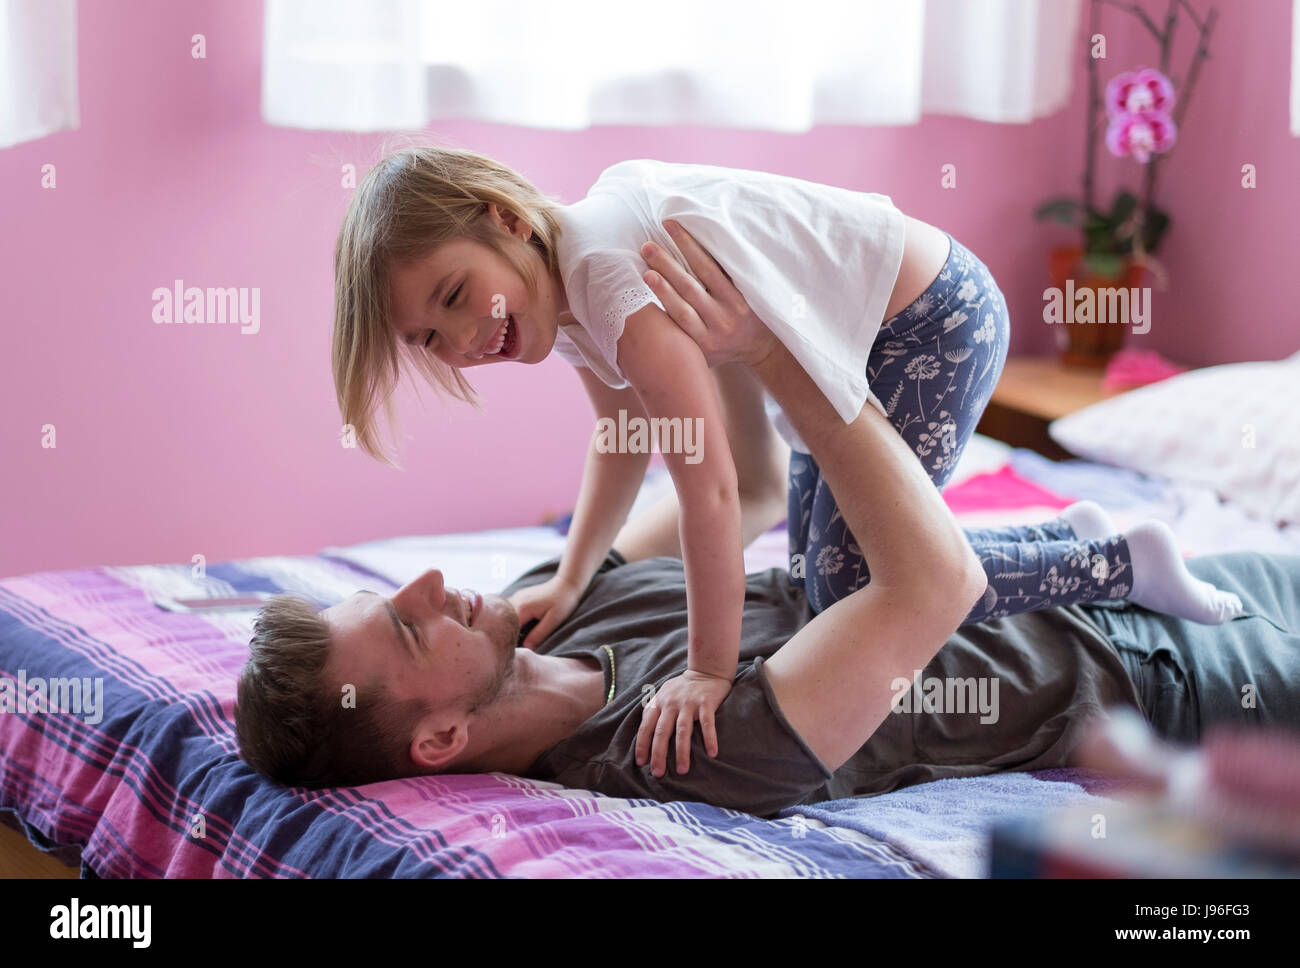 Frère et sœur jouant au lit Photo Stock